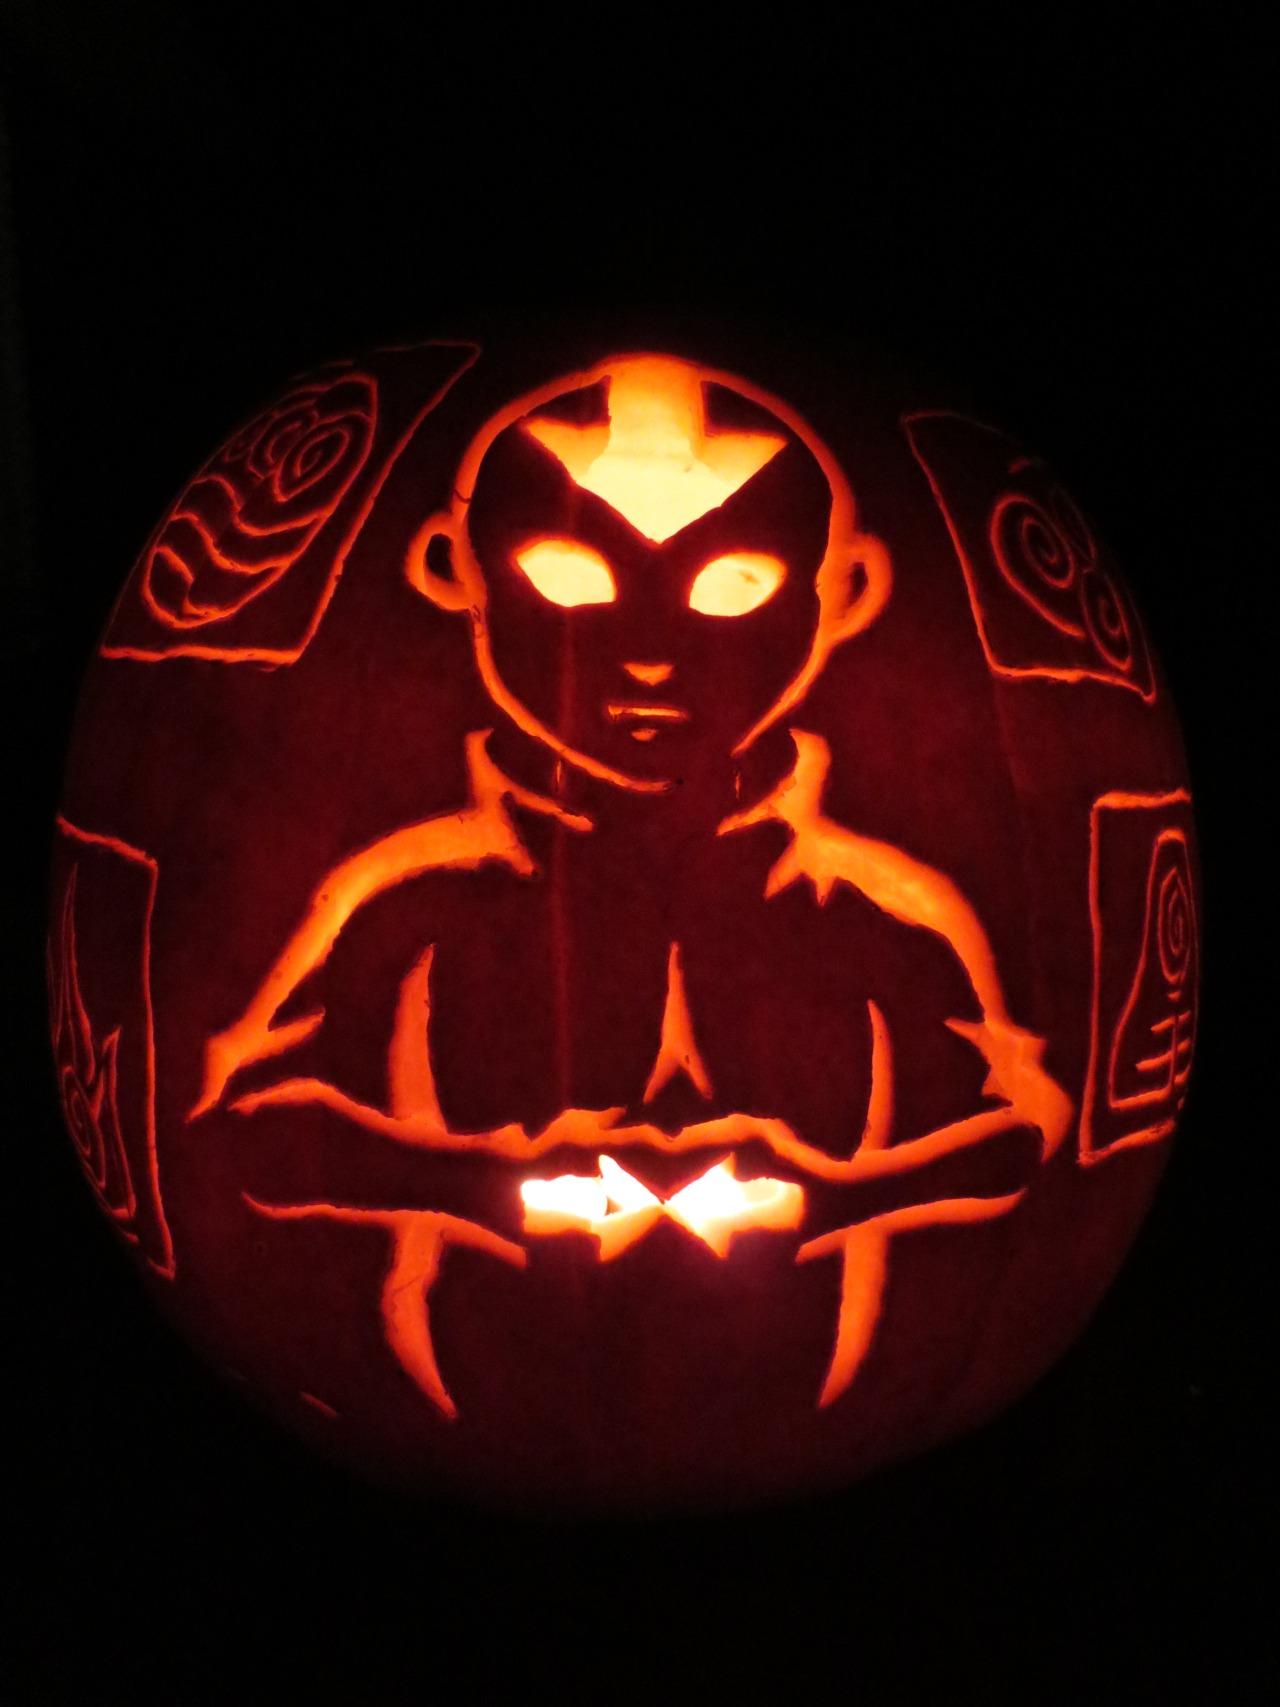 Image 845181 Pumpkin Carving Art Know Your Meme